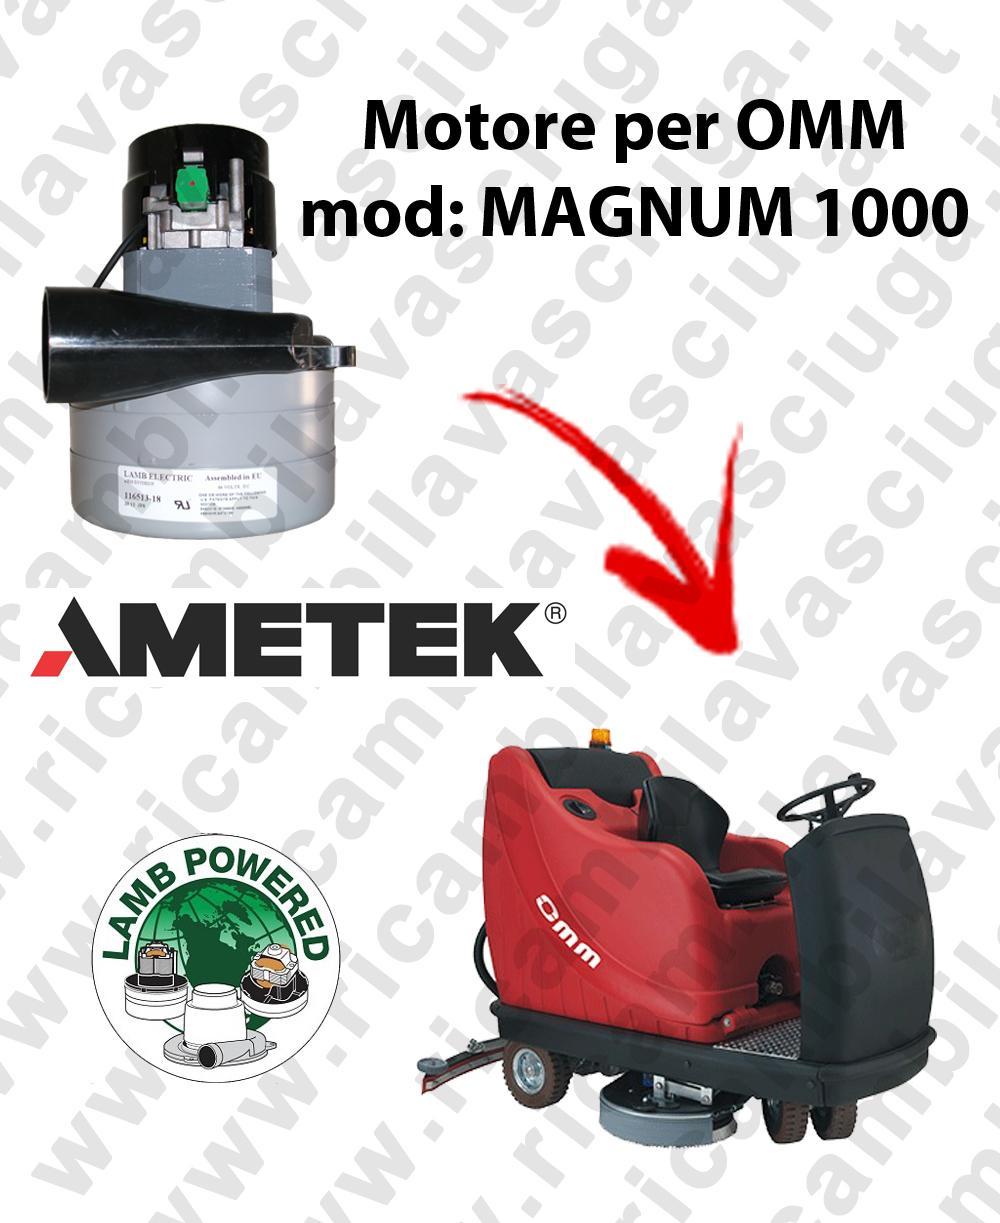 Motore LAMB AMETEK di aspirazione X lavapavimenti OMM MAGNUM 1000